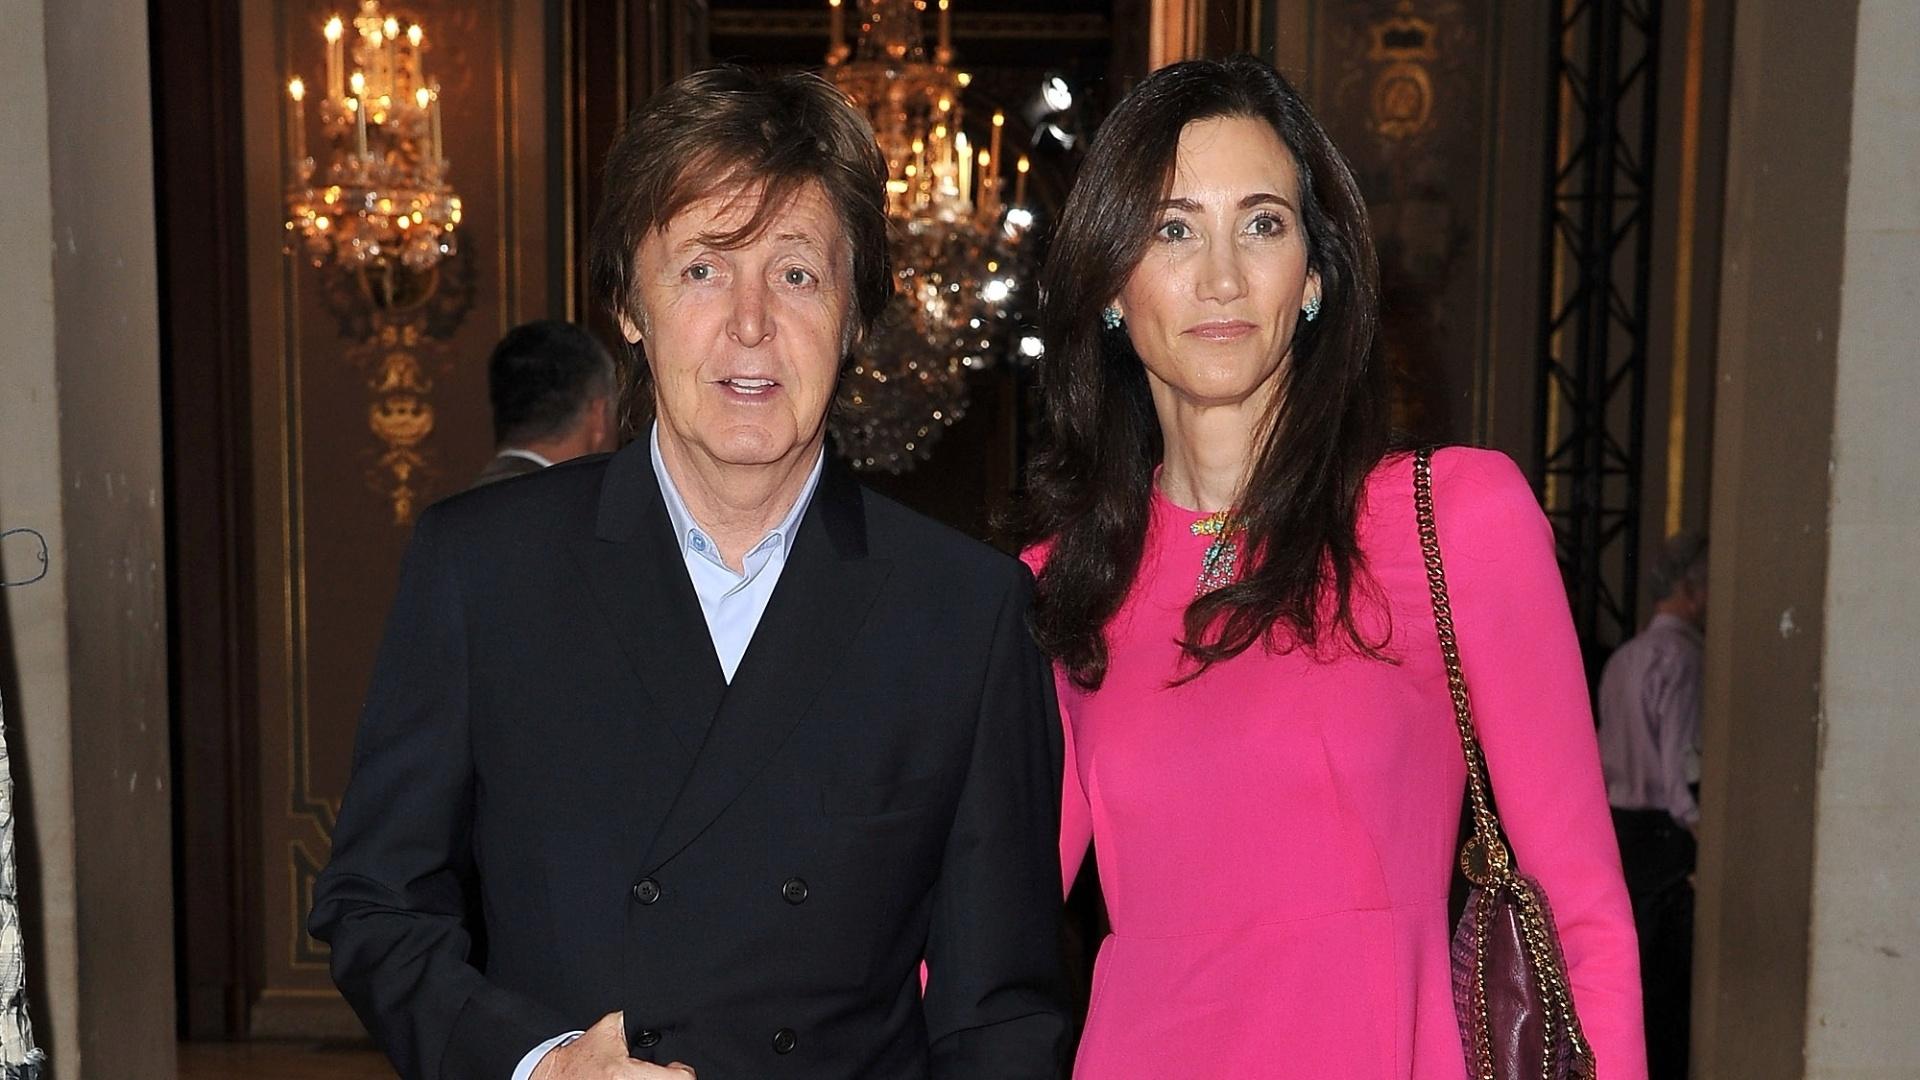 Paul McCartney e a mulher Nancy Shevell viajaram para a capital francesa para assistir ao desfile da filha do ex-Beatle, Stella McCartney, durante a Semana de Moda de Paris (6/2/12)